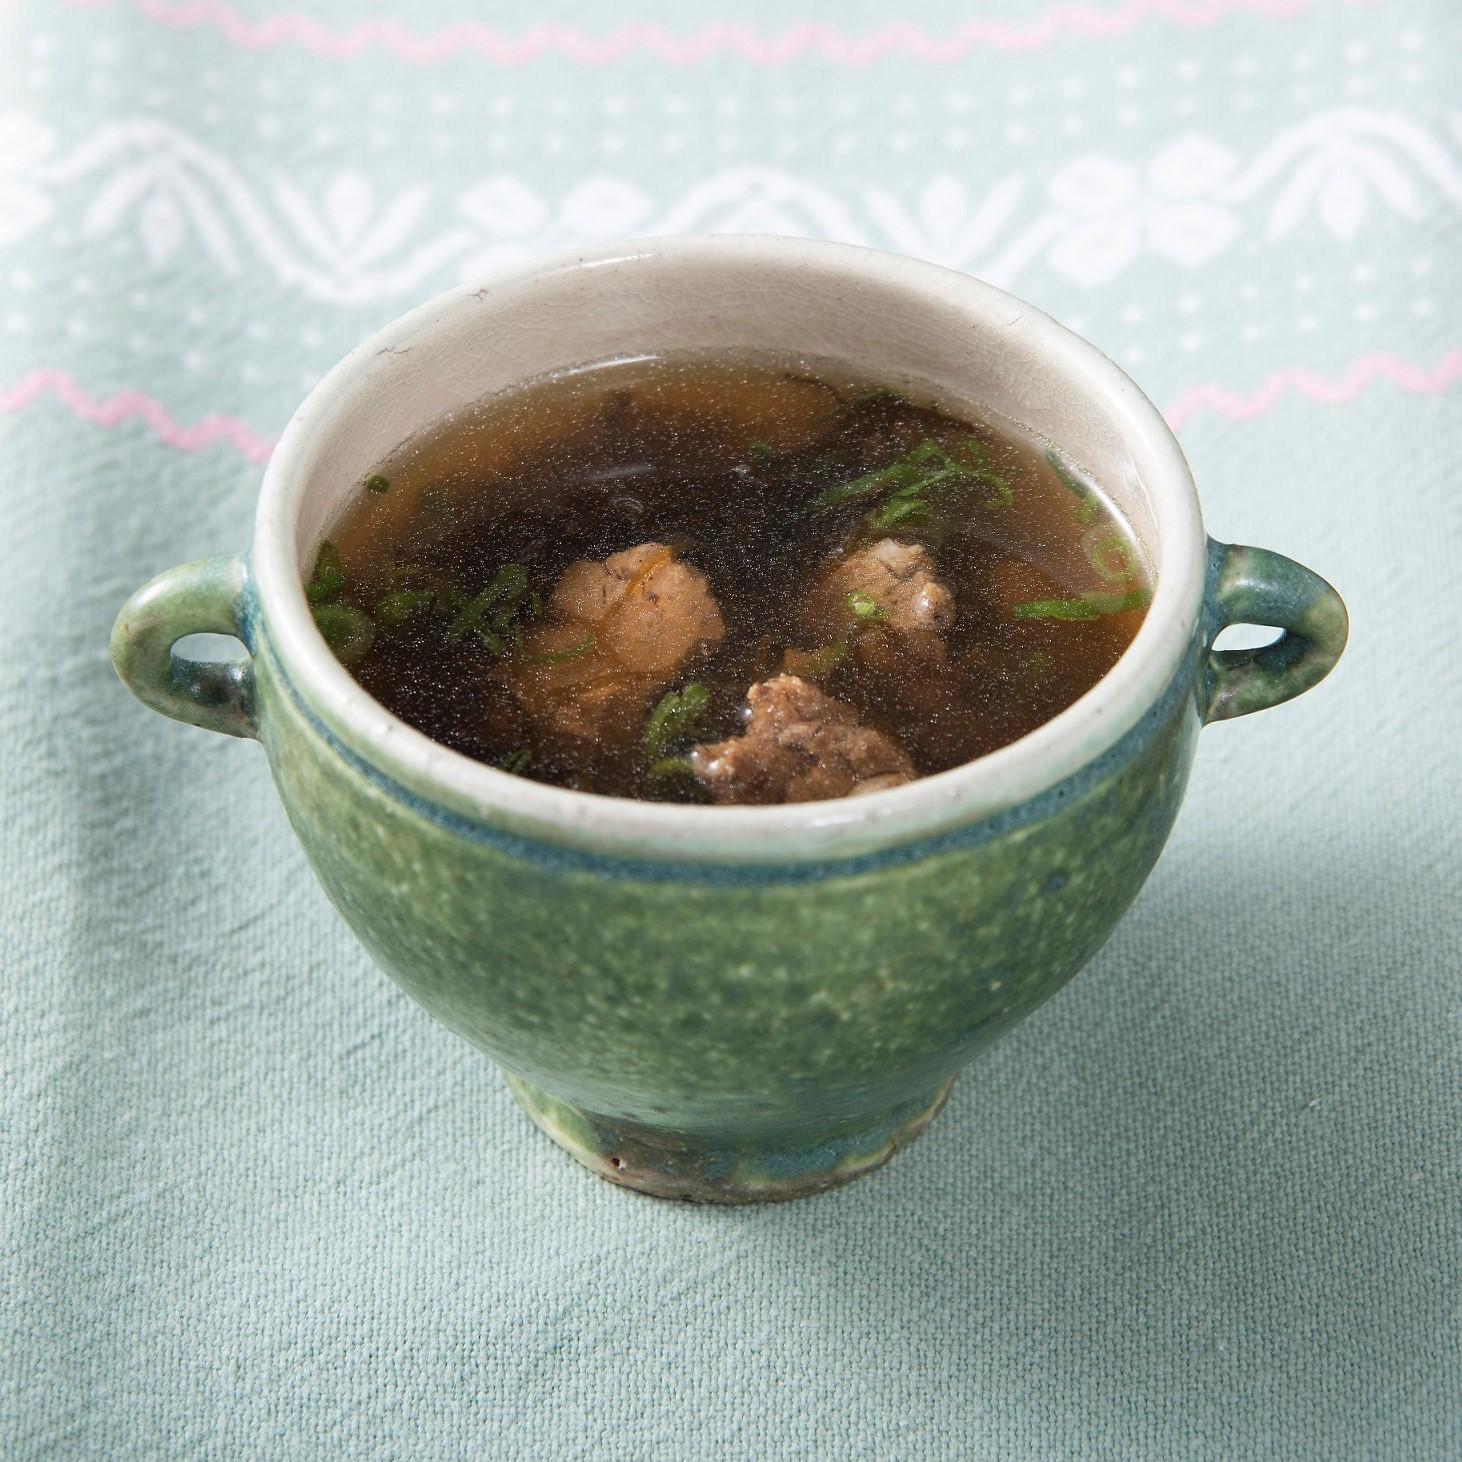 野菜のそぼろ(ベジミート)ともずくのスープ